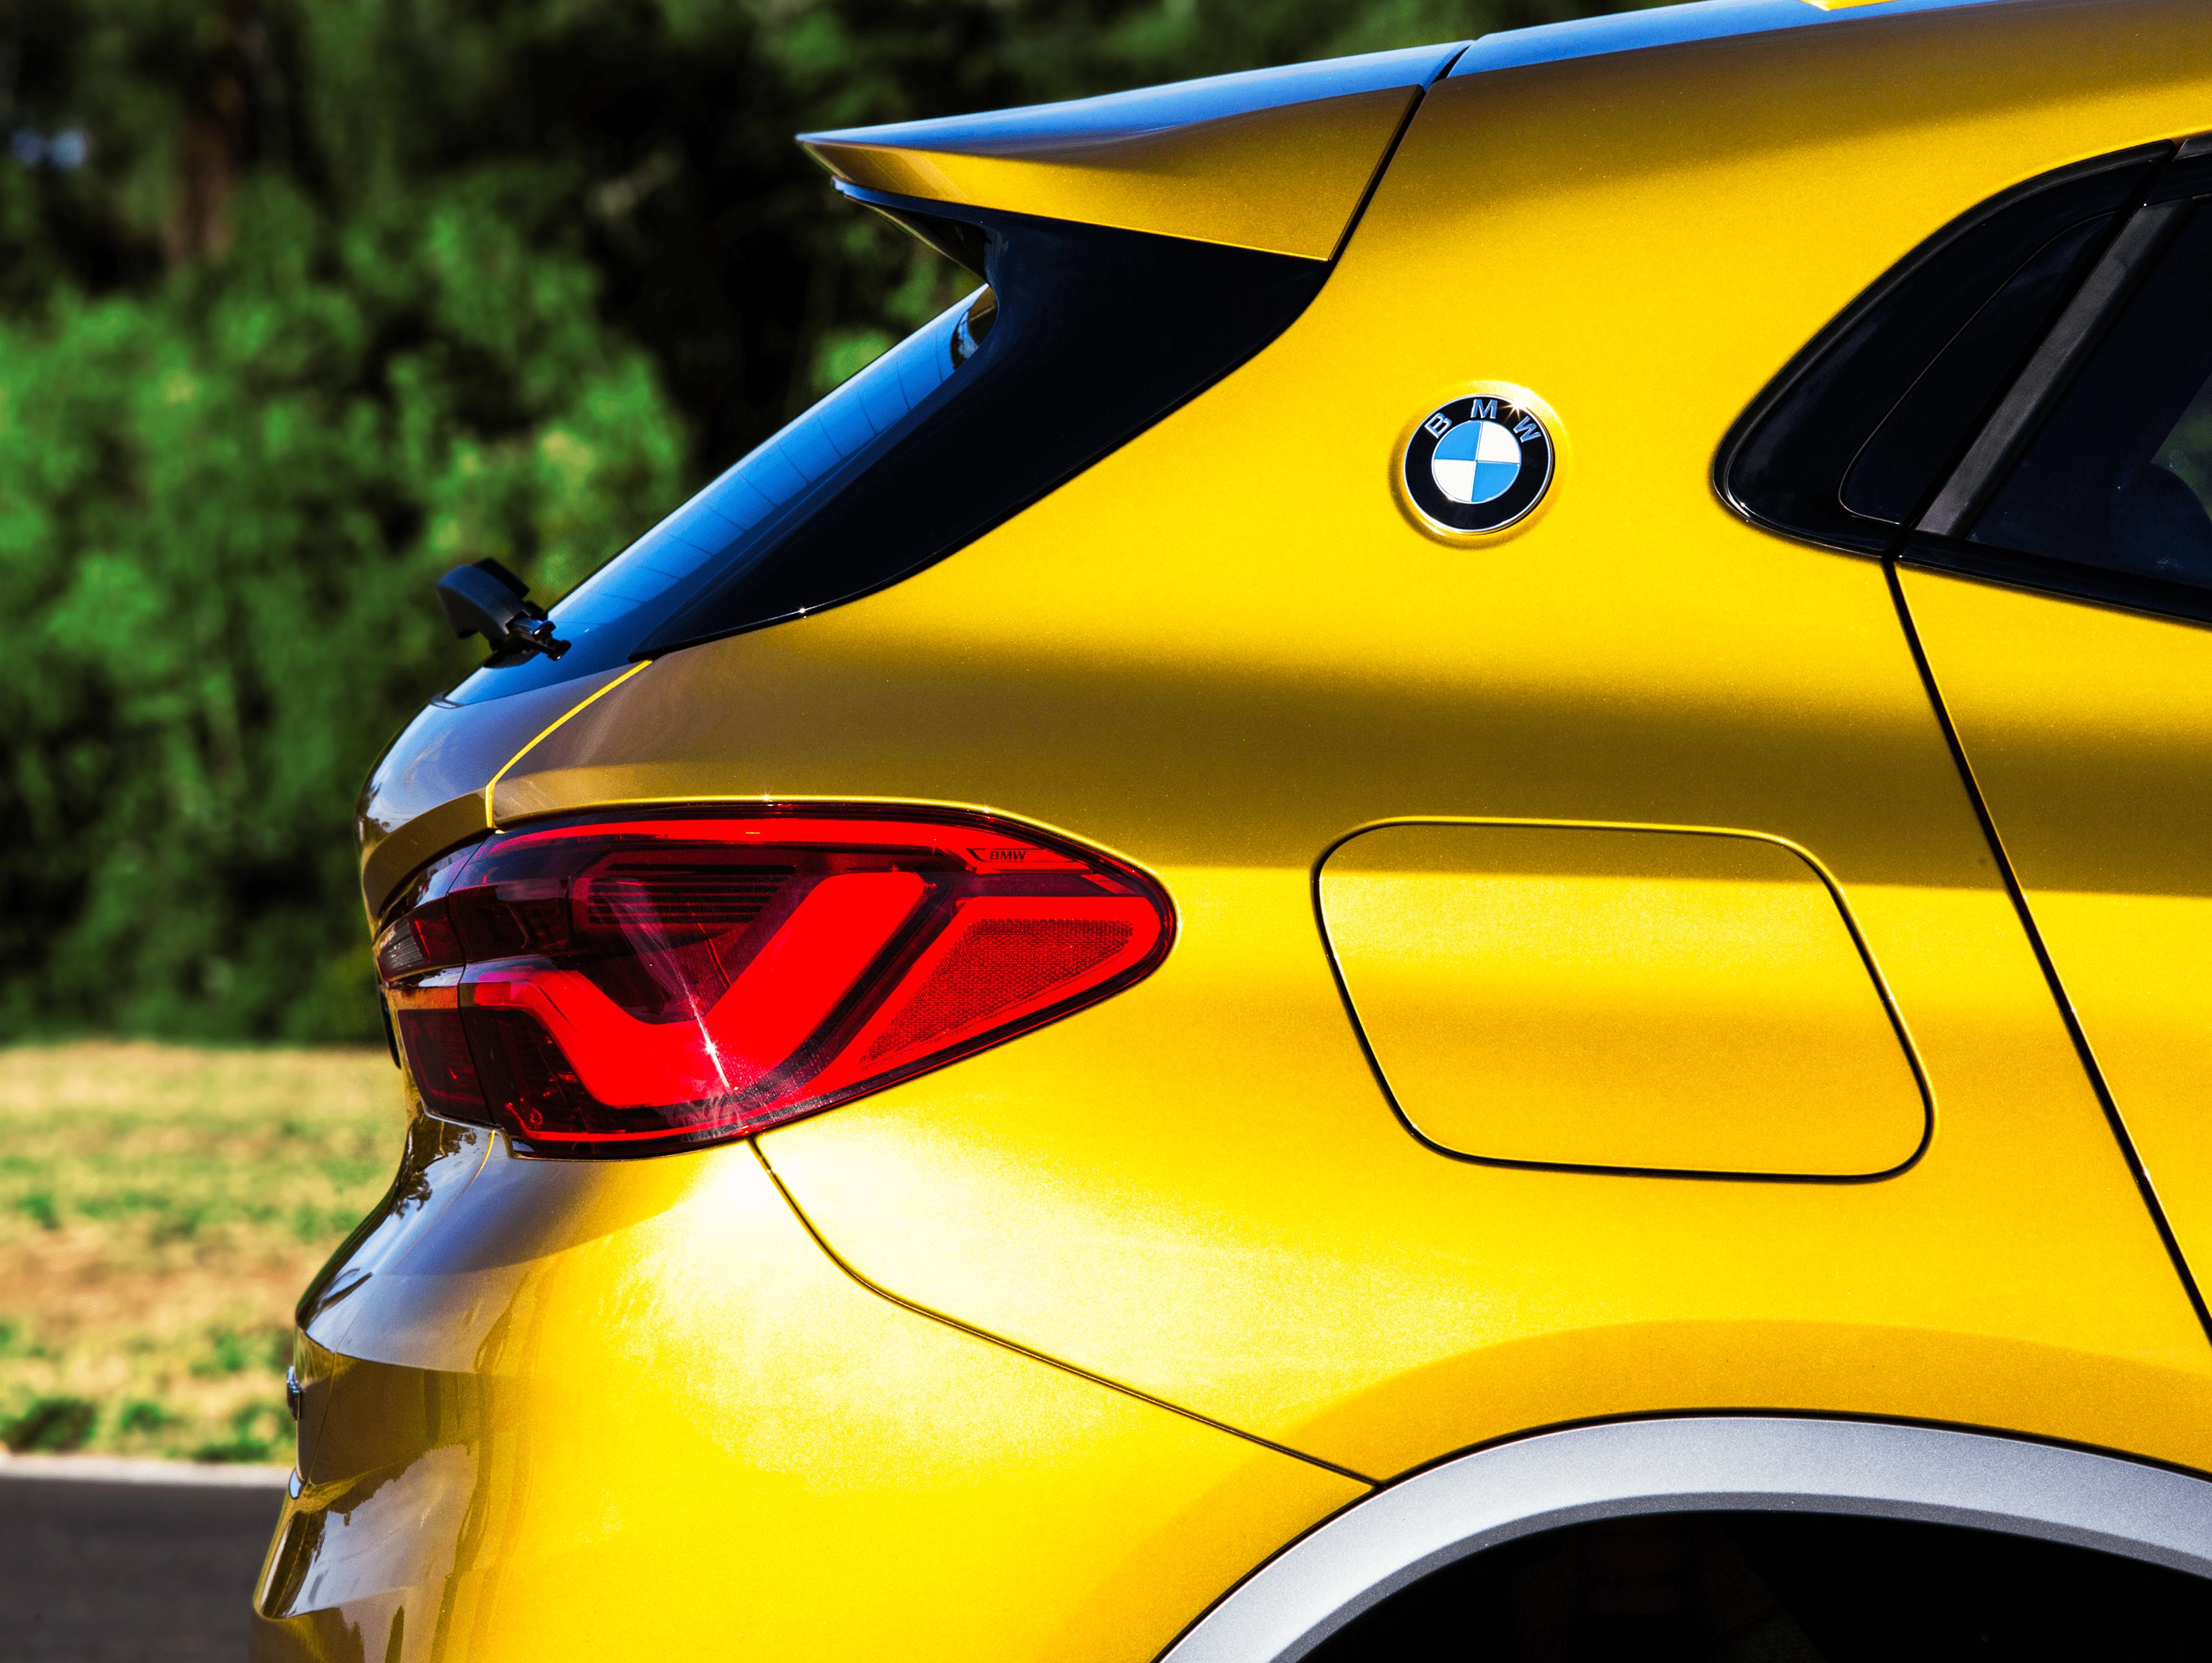 Logo na coluna C remete a modelos clássicos da BMW